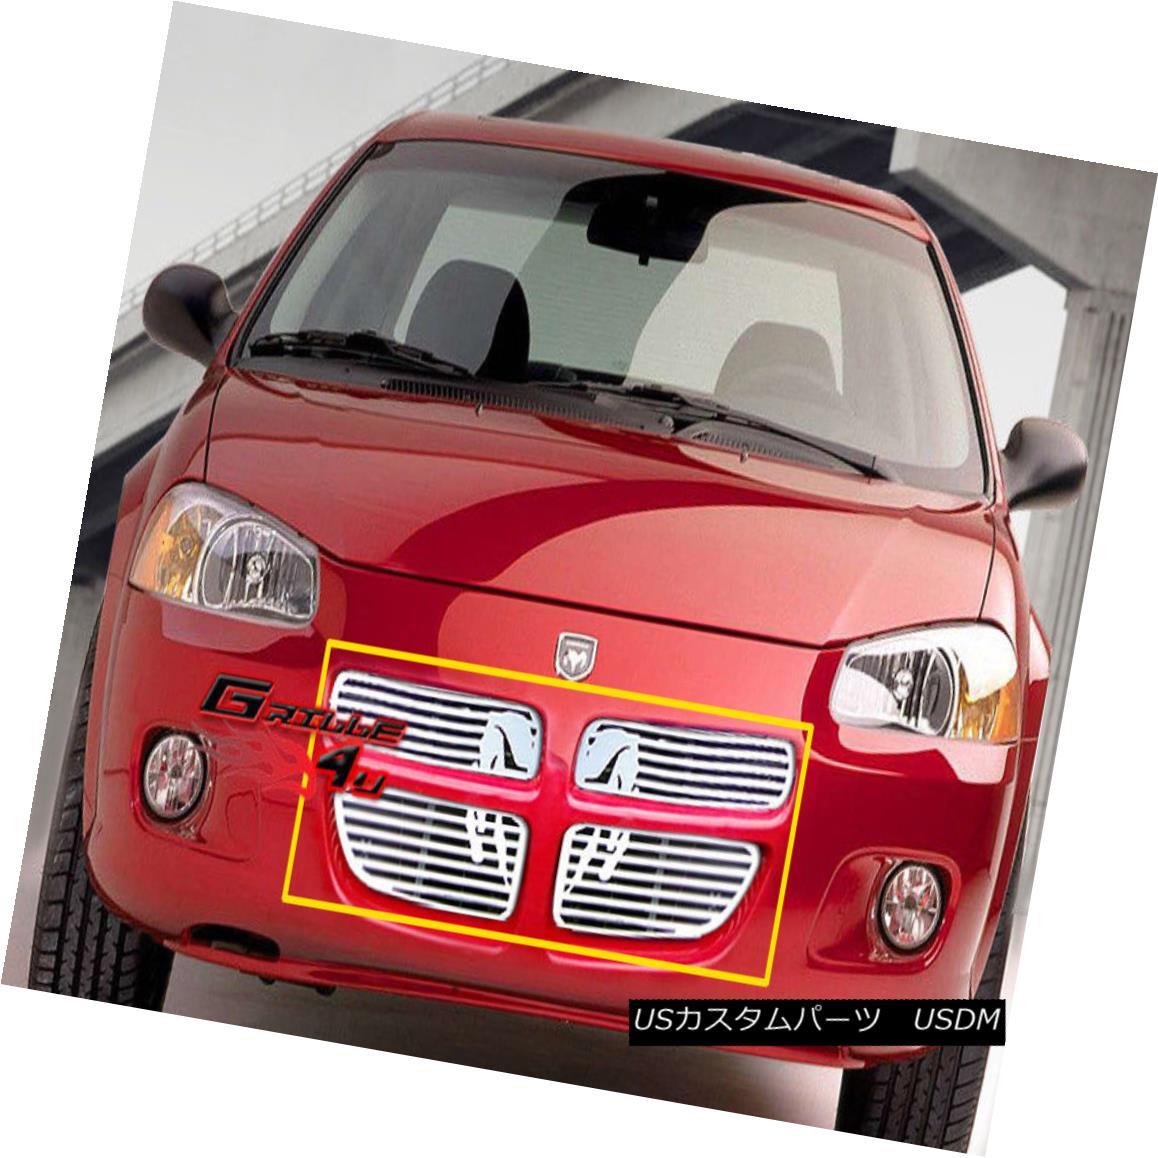 グリル Fits 2001-2003 Dodge Stratus Symbolic Grille Insert 2001-2003 Dodge Stratusシンボリックグリルインサートにフィット